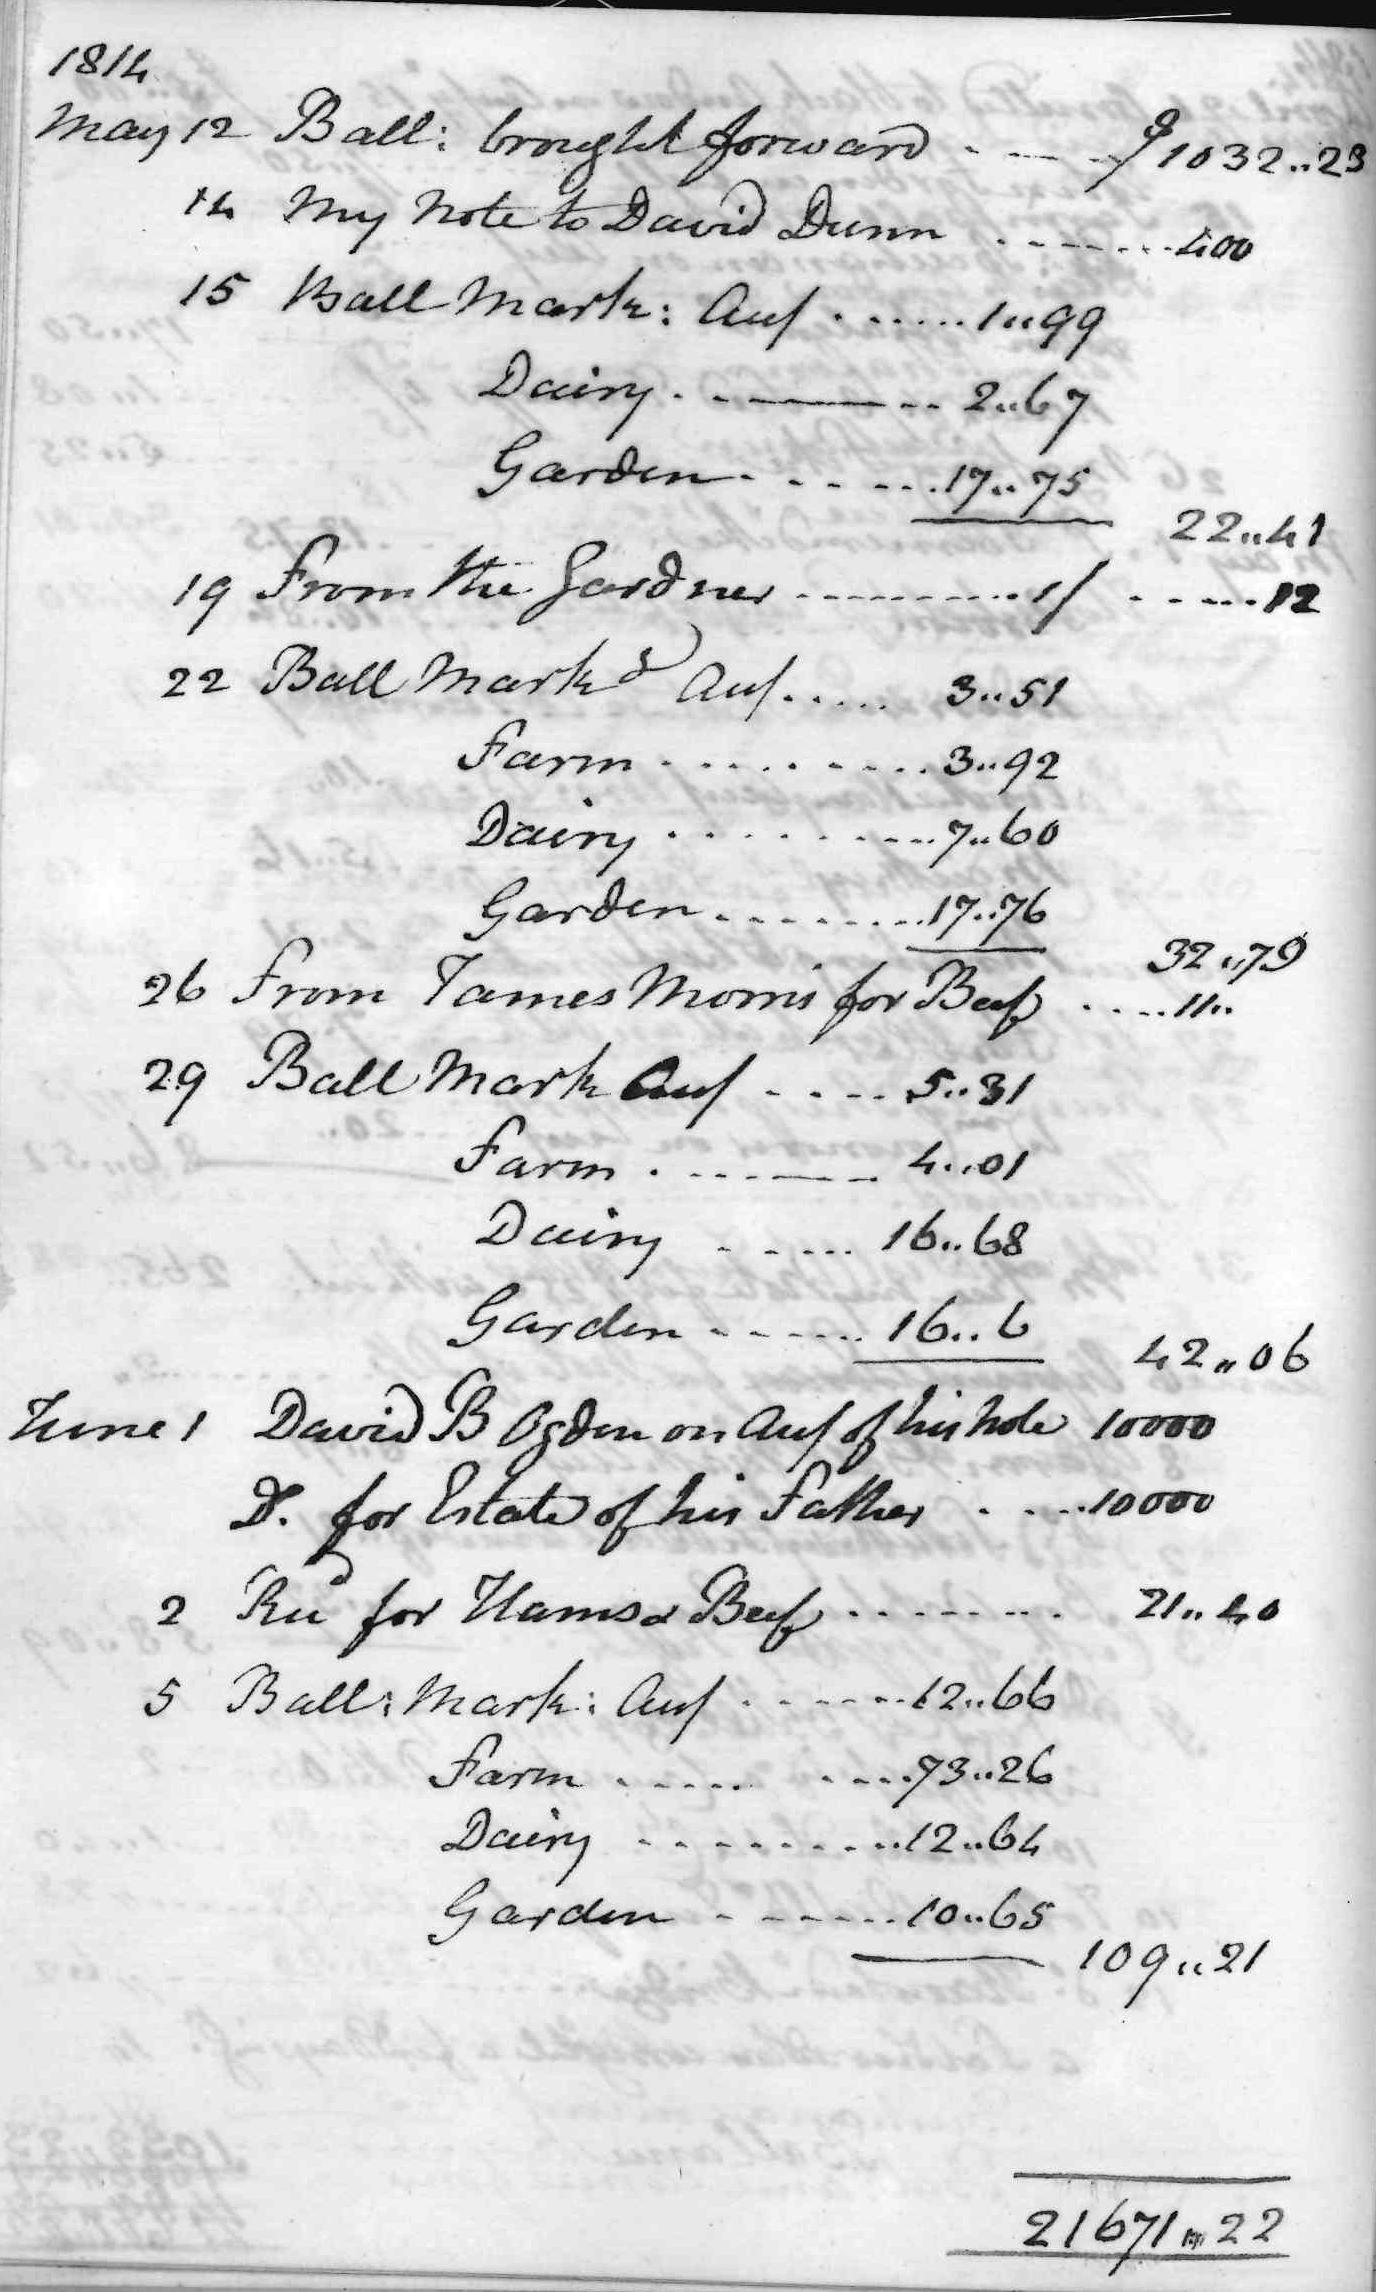 Gouverneur Morris Cash Book, folio 30, left side